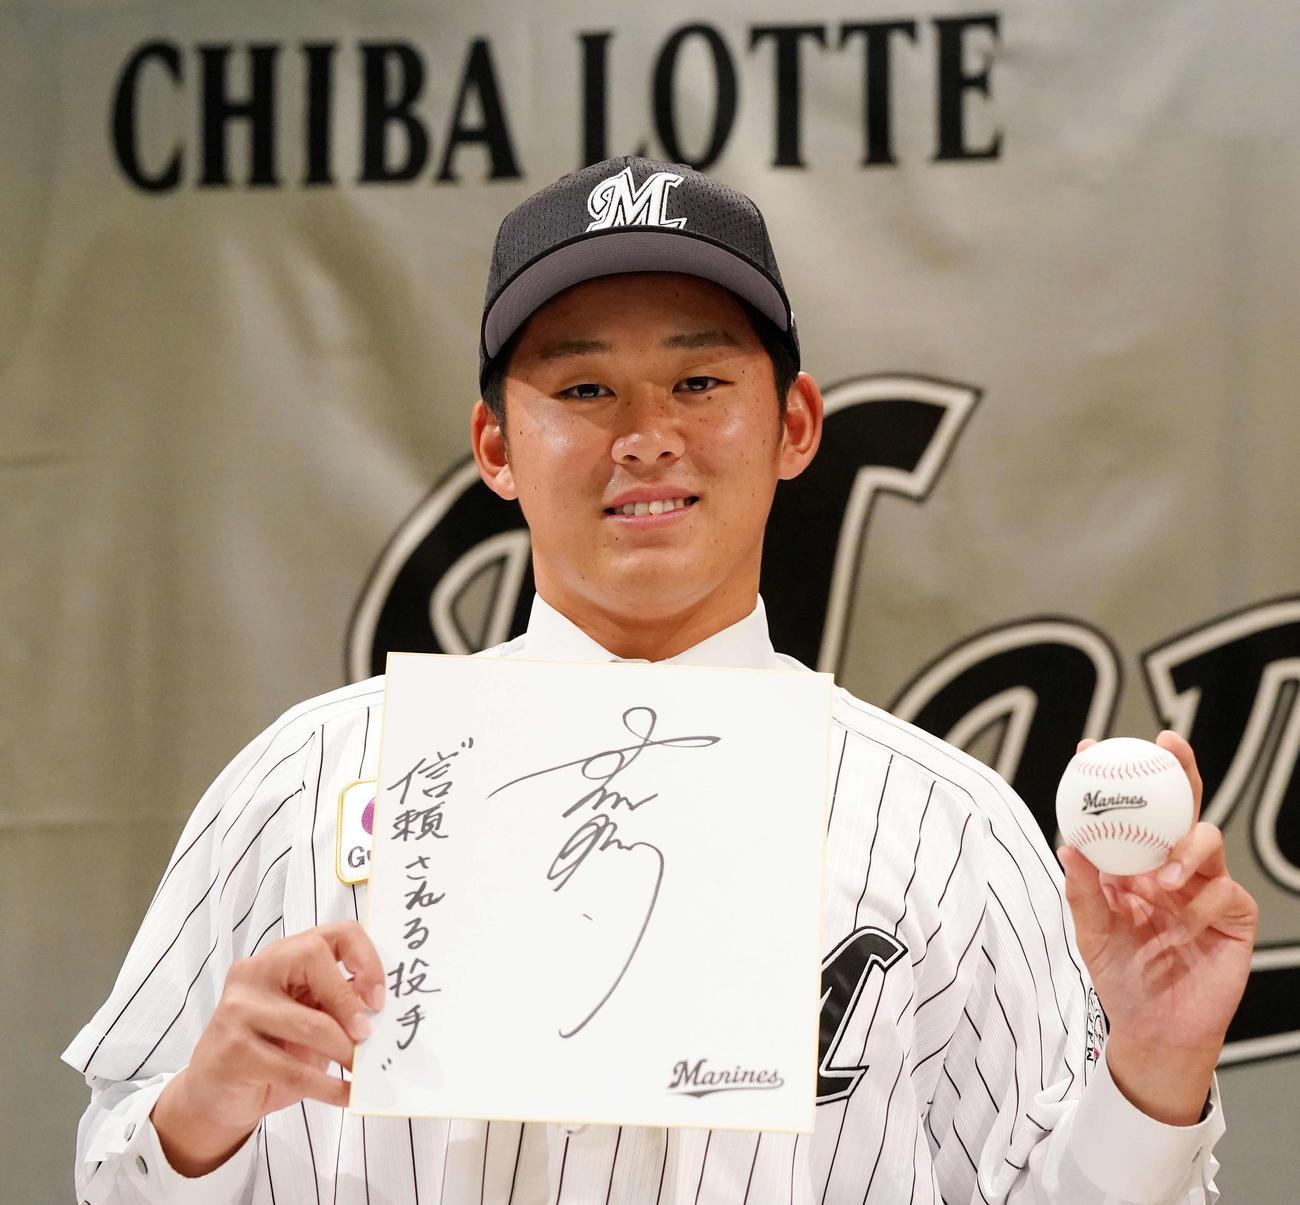 ロッテと仮契約を結んだドラフト1位の法大・鈴木は色紙にサインと「信頼される投手」と記した(撮影・江口和貴)